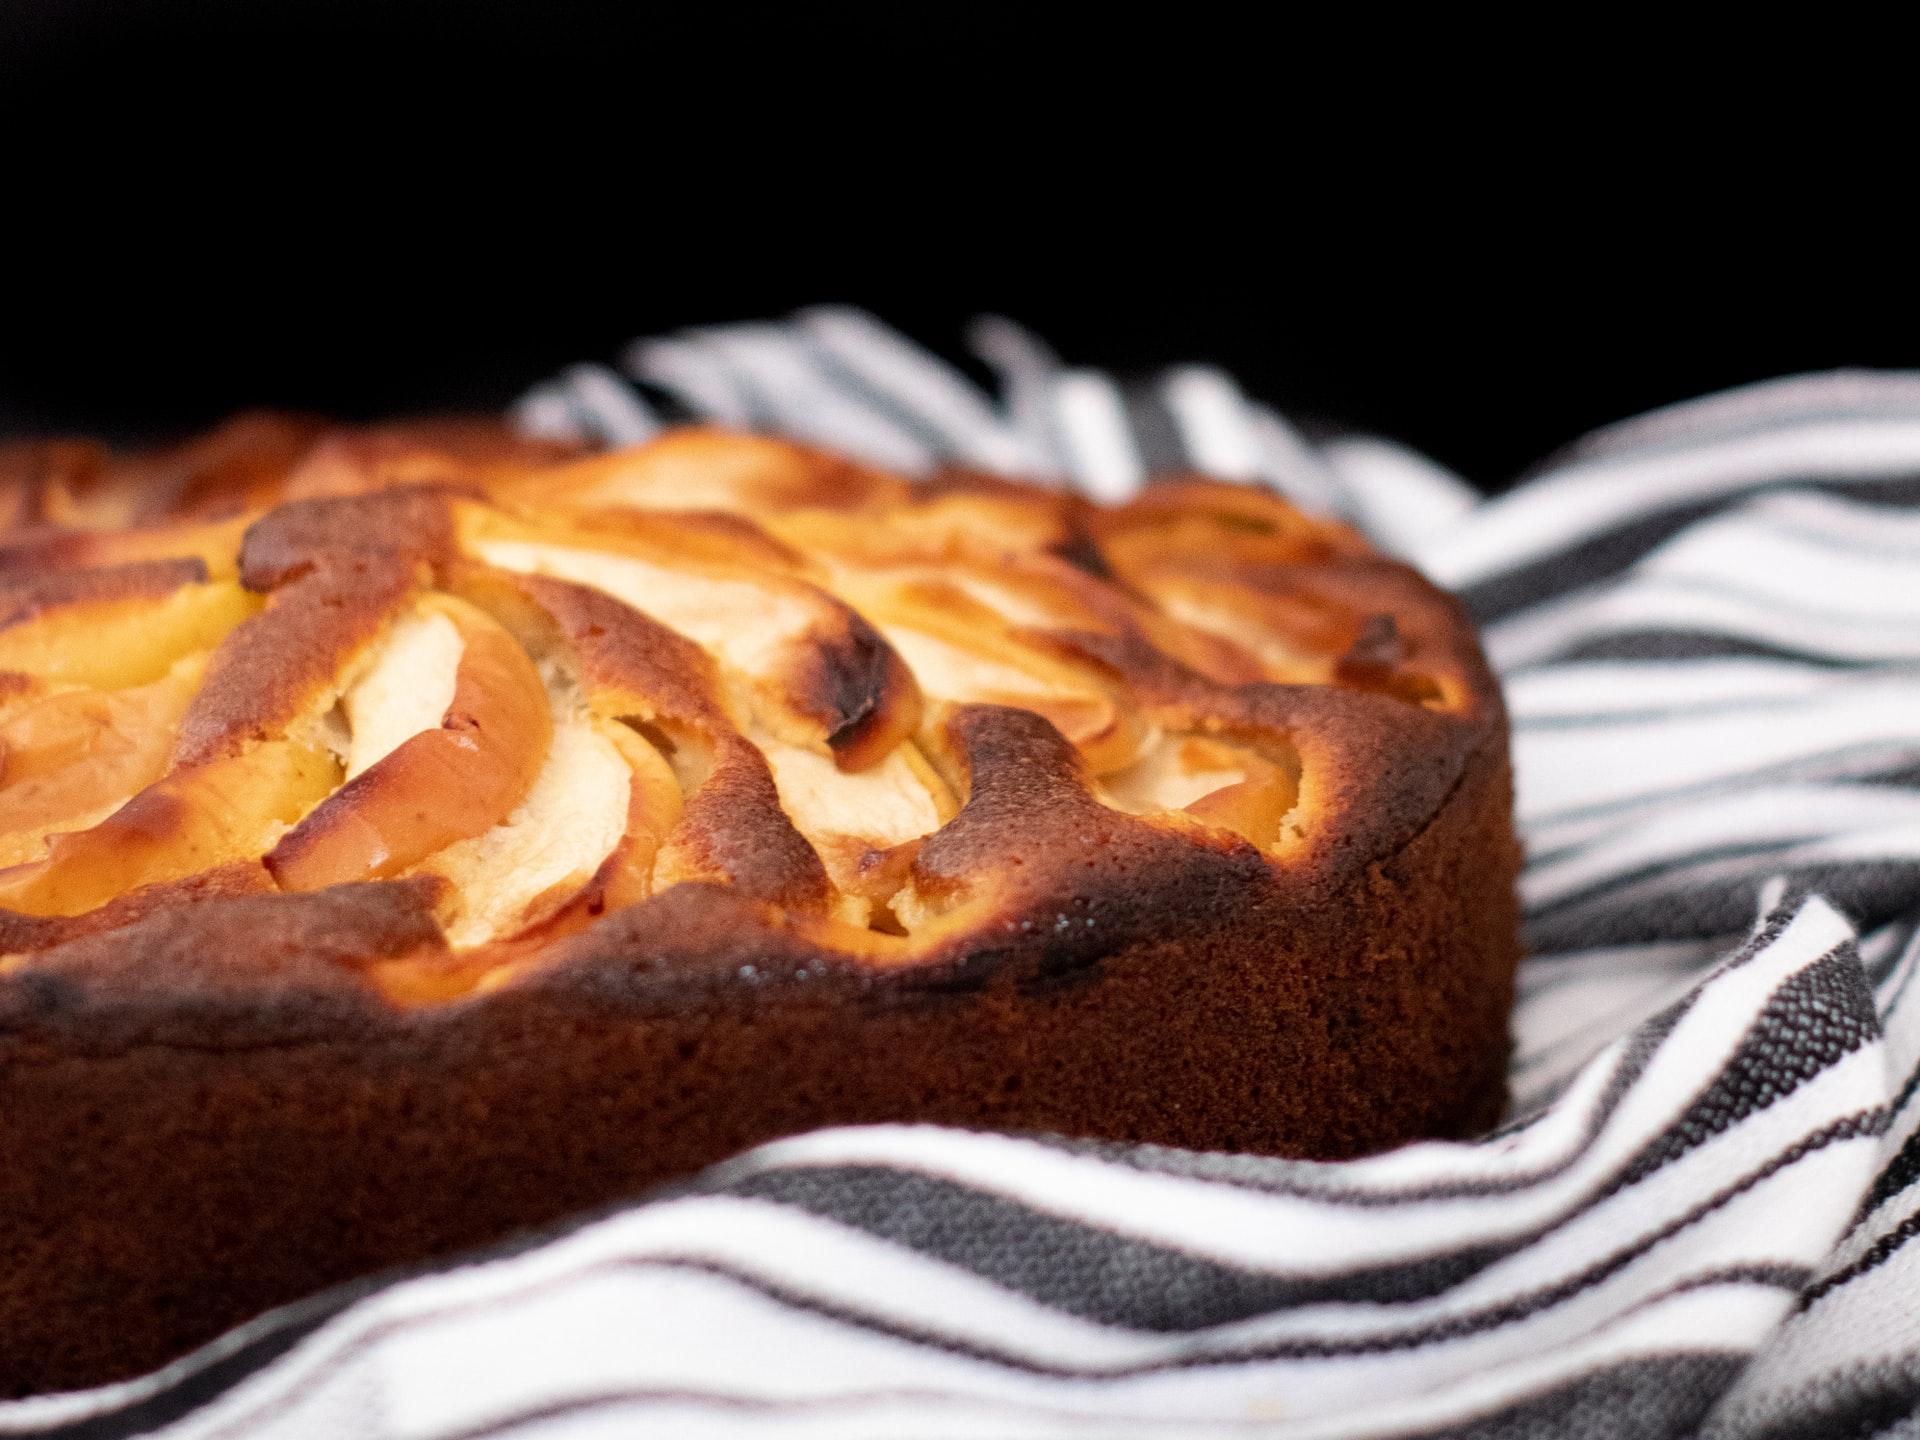 torta-alle-mele-con-succo-d'arancia-e-yogurt:-come-prepararla